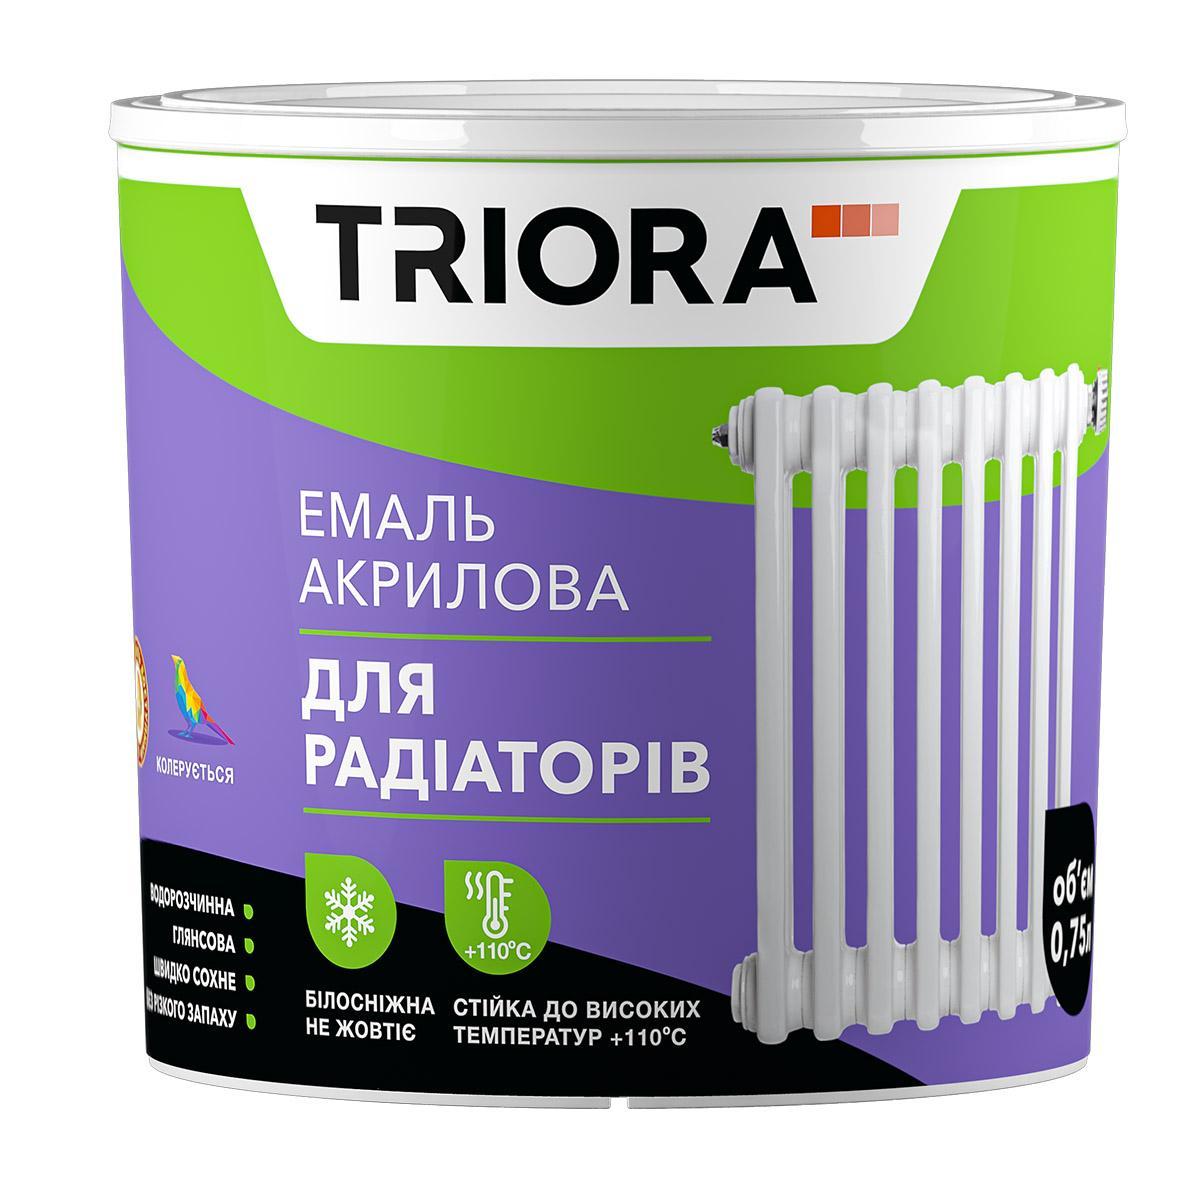 Эмаль для радиаторов triora акриловая